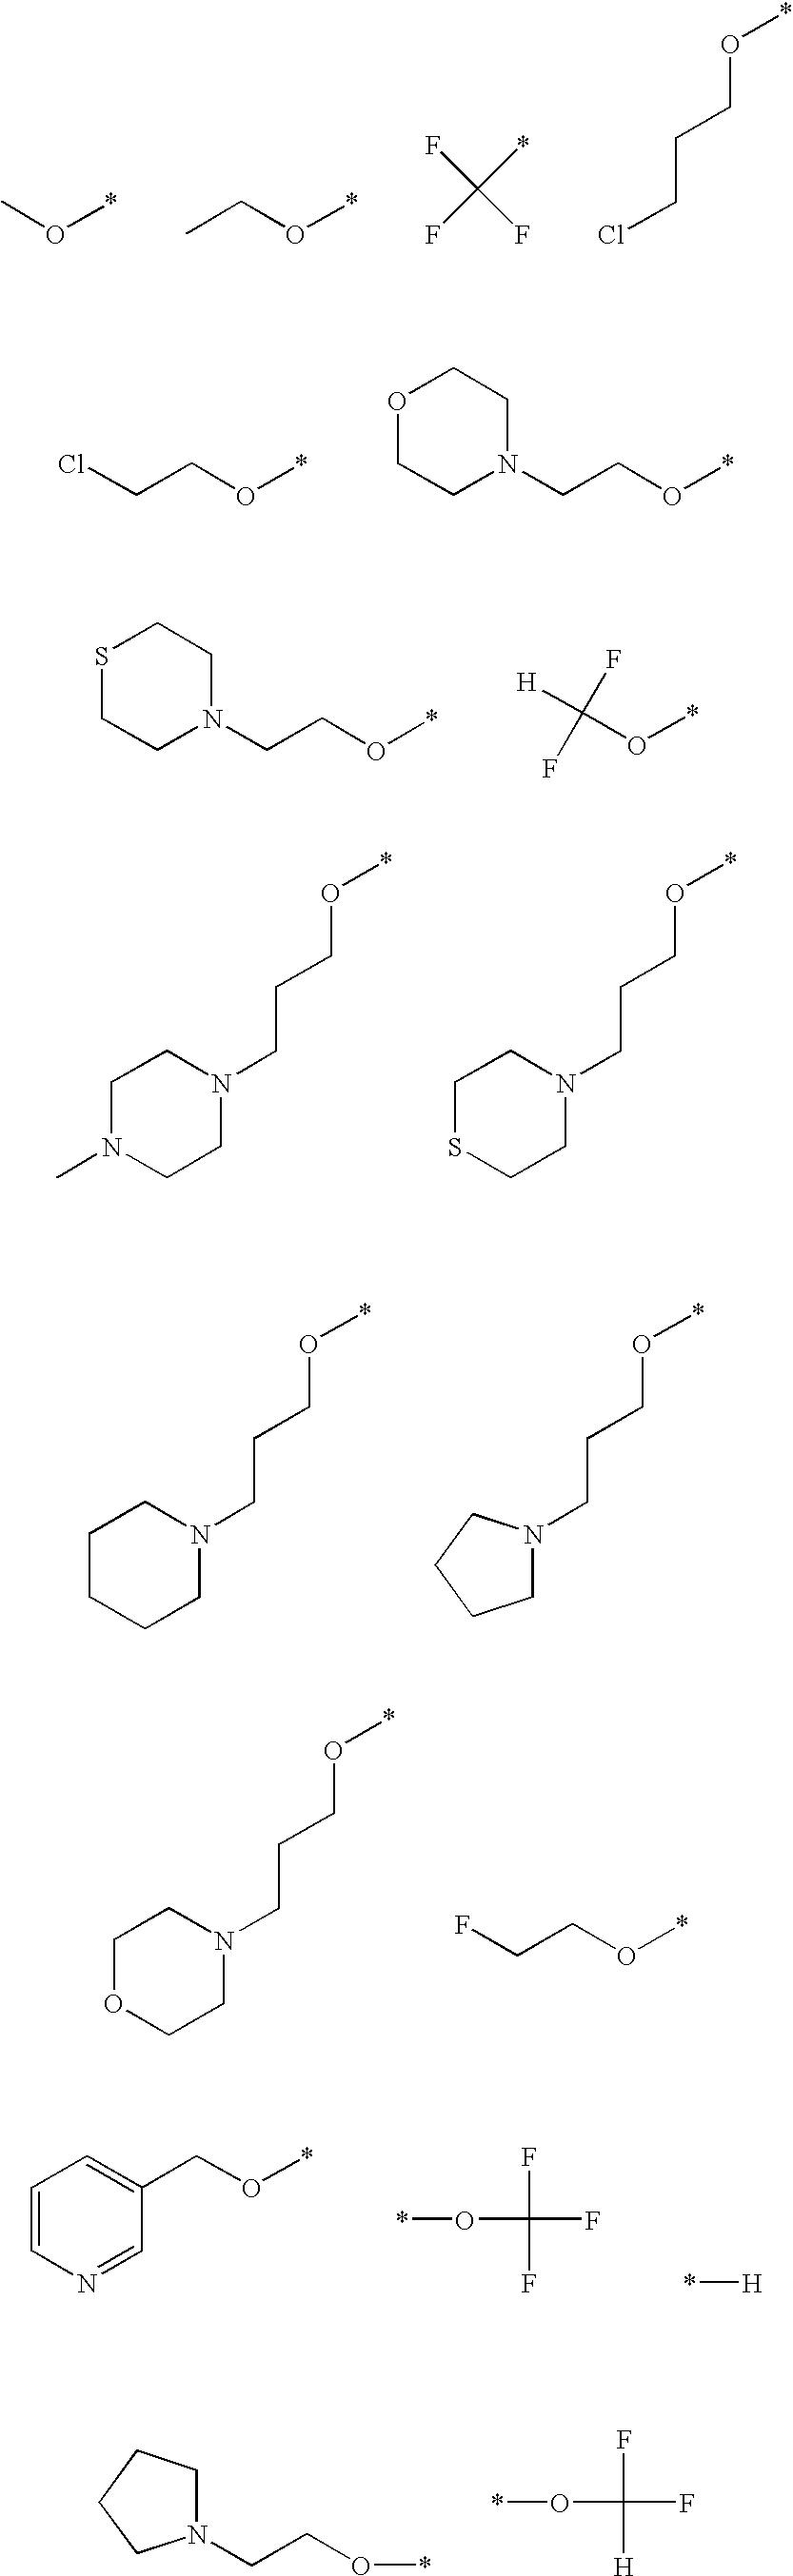 Figure US07781478-20100824-C00178